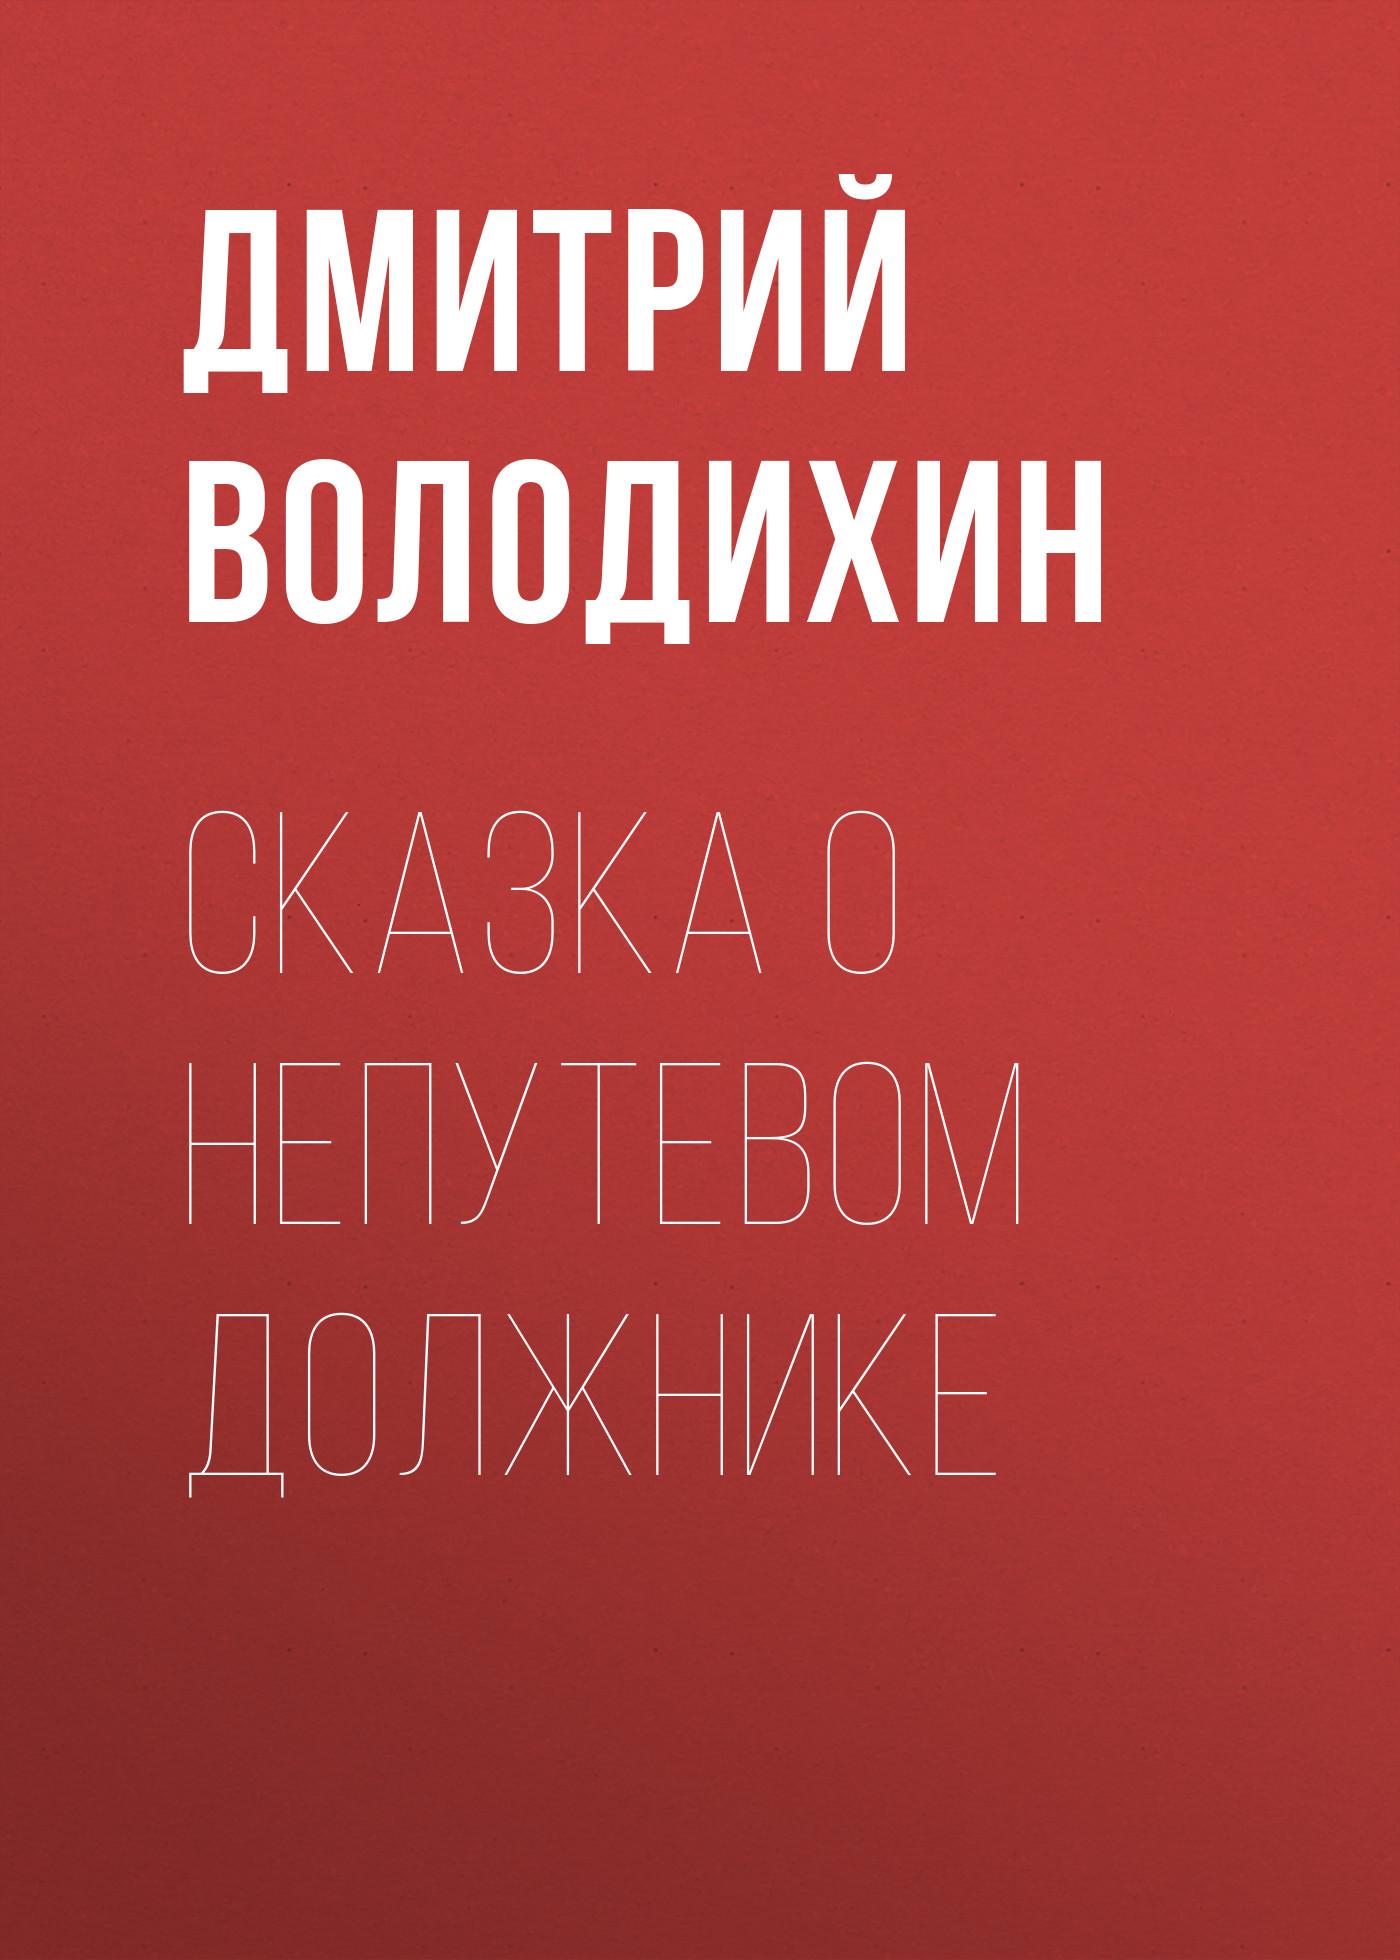 Дмитрий Володихин Сказка о непутевом должнике